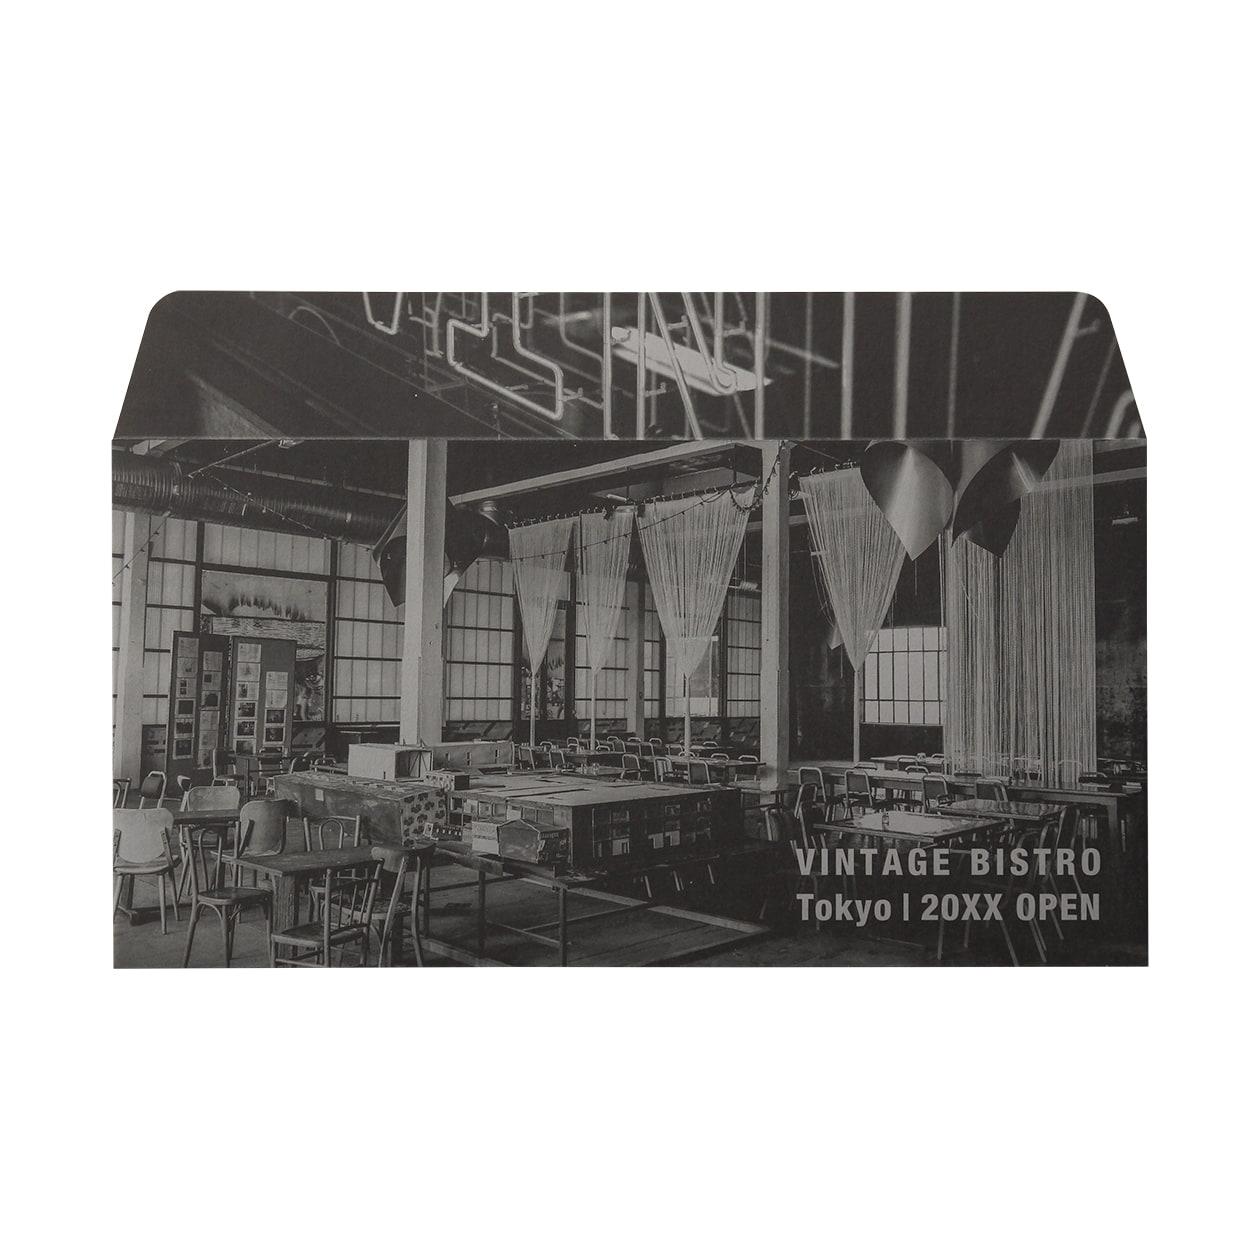 サンプル 封筒・袋 00128